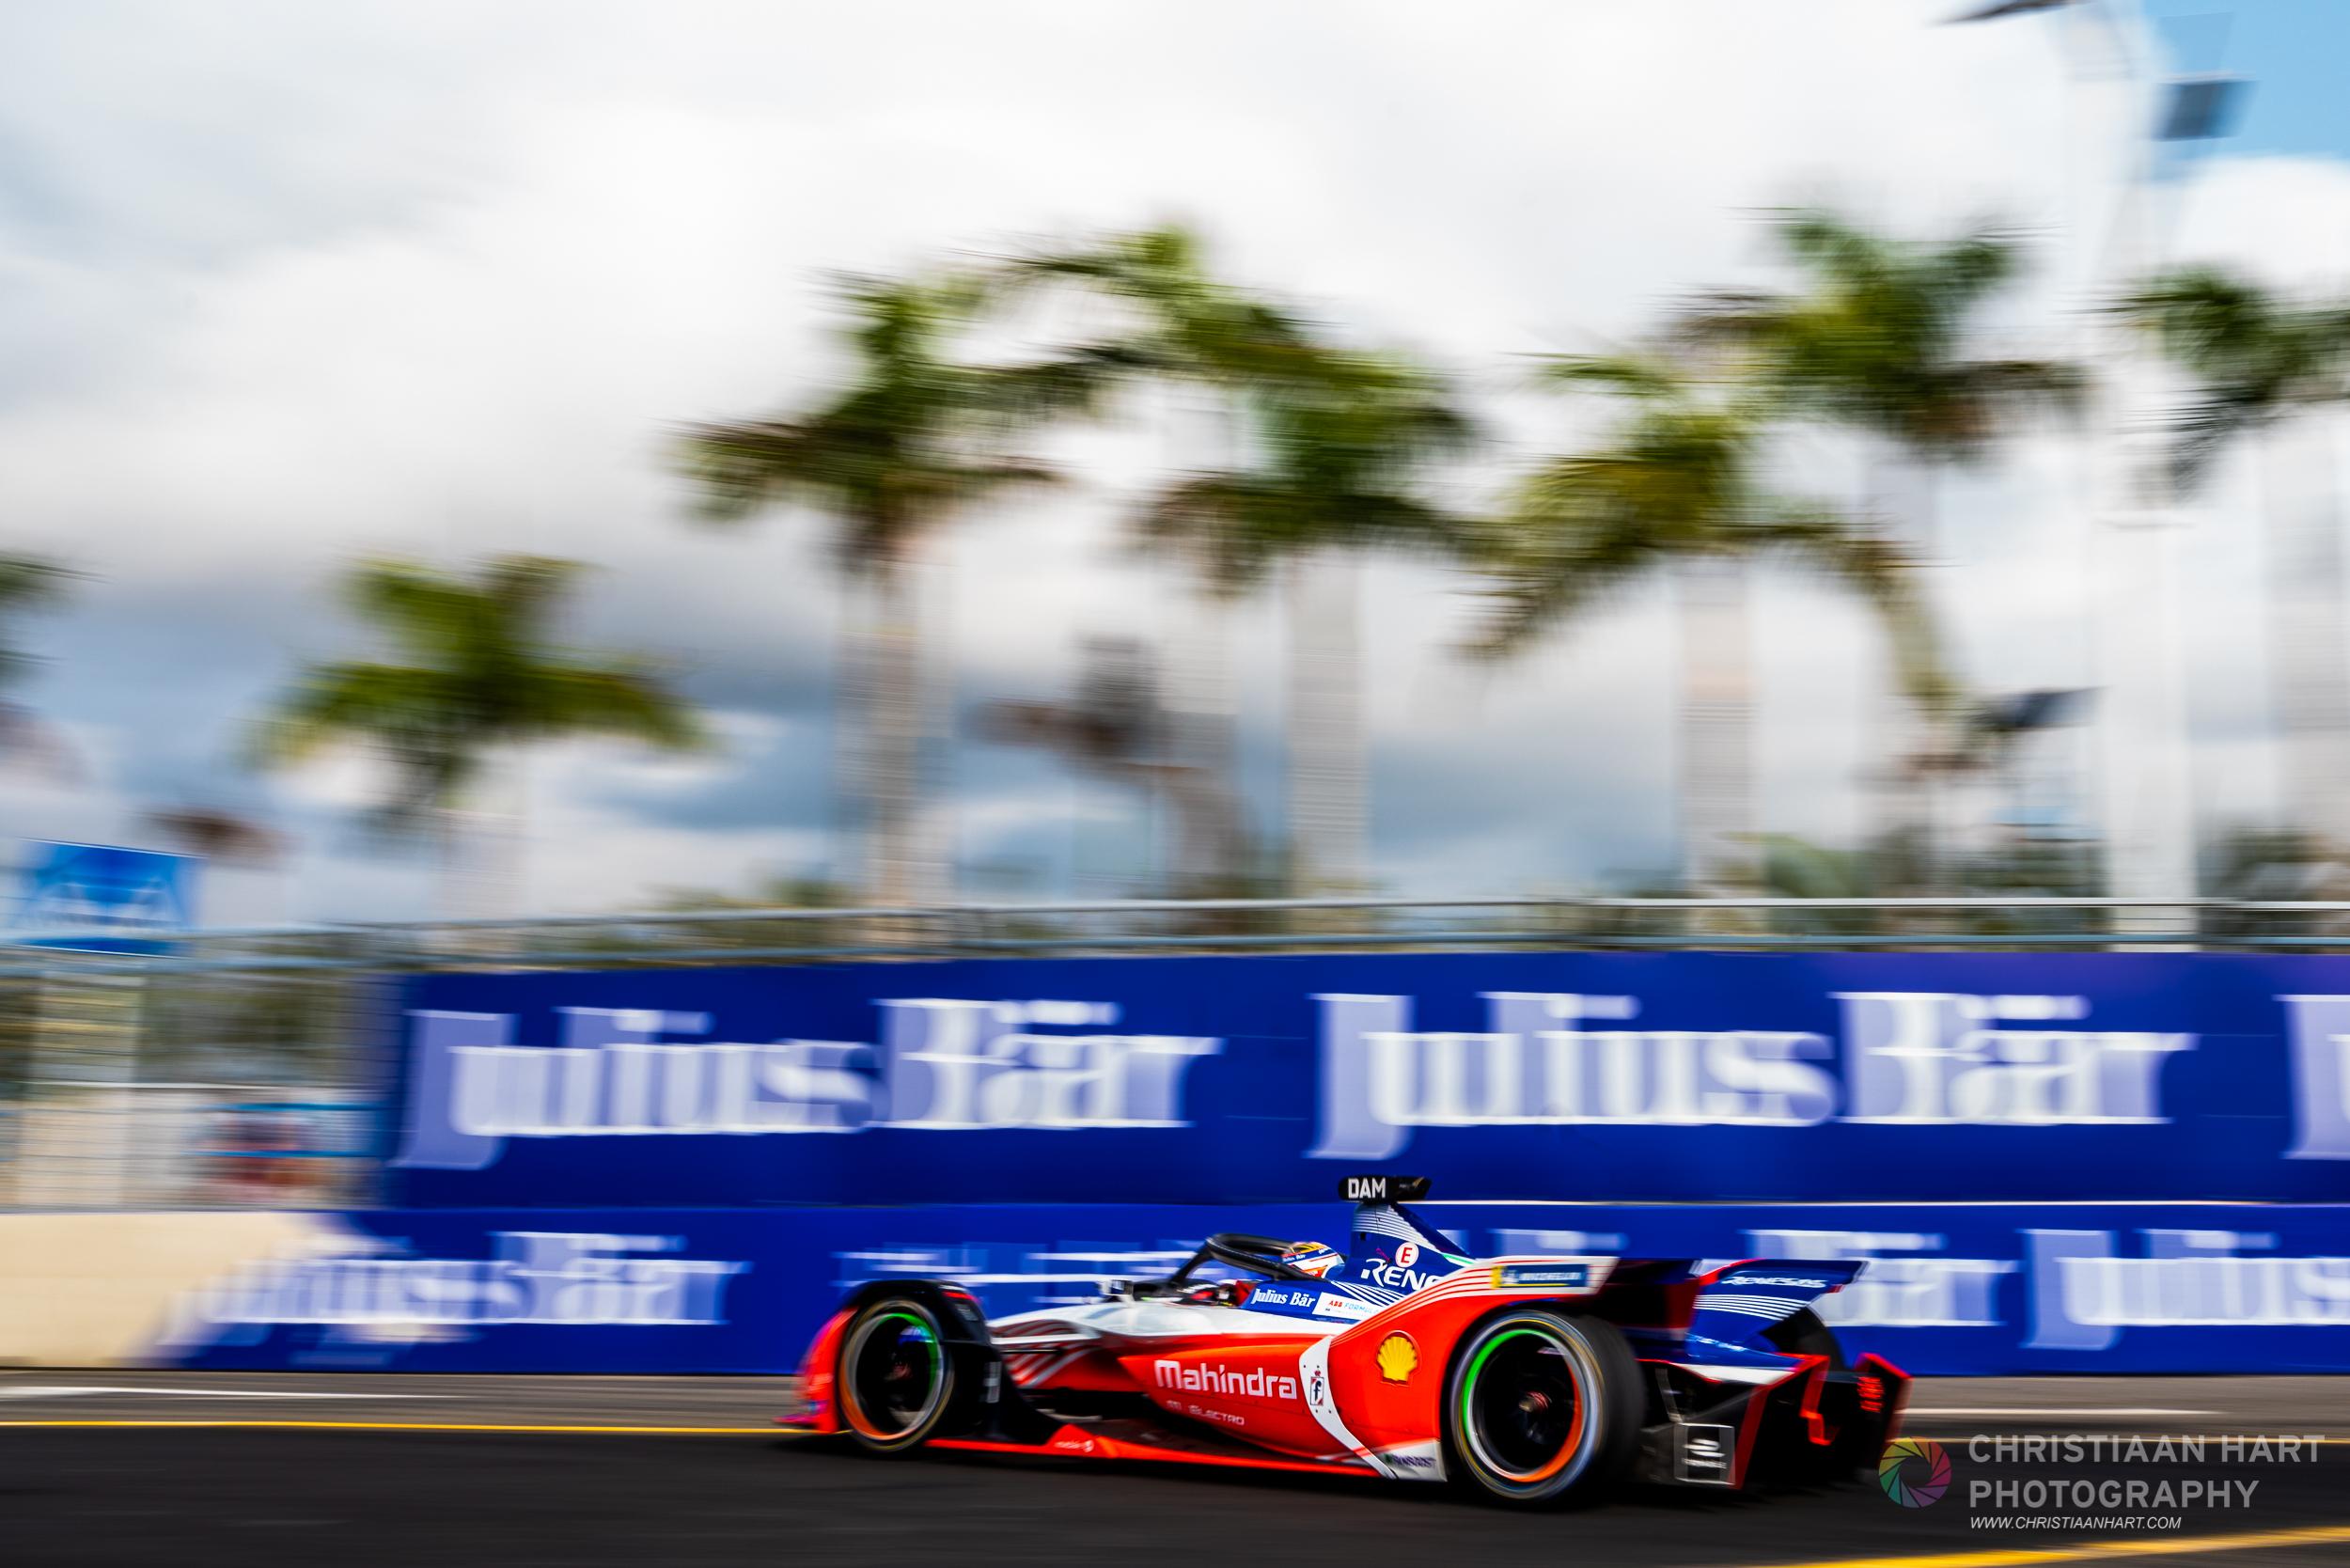 Julius Baer, Global Sponsor for Formula E